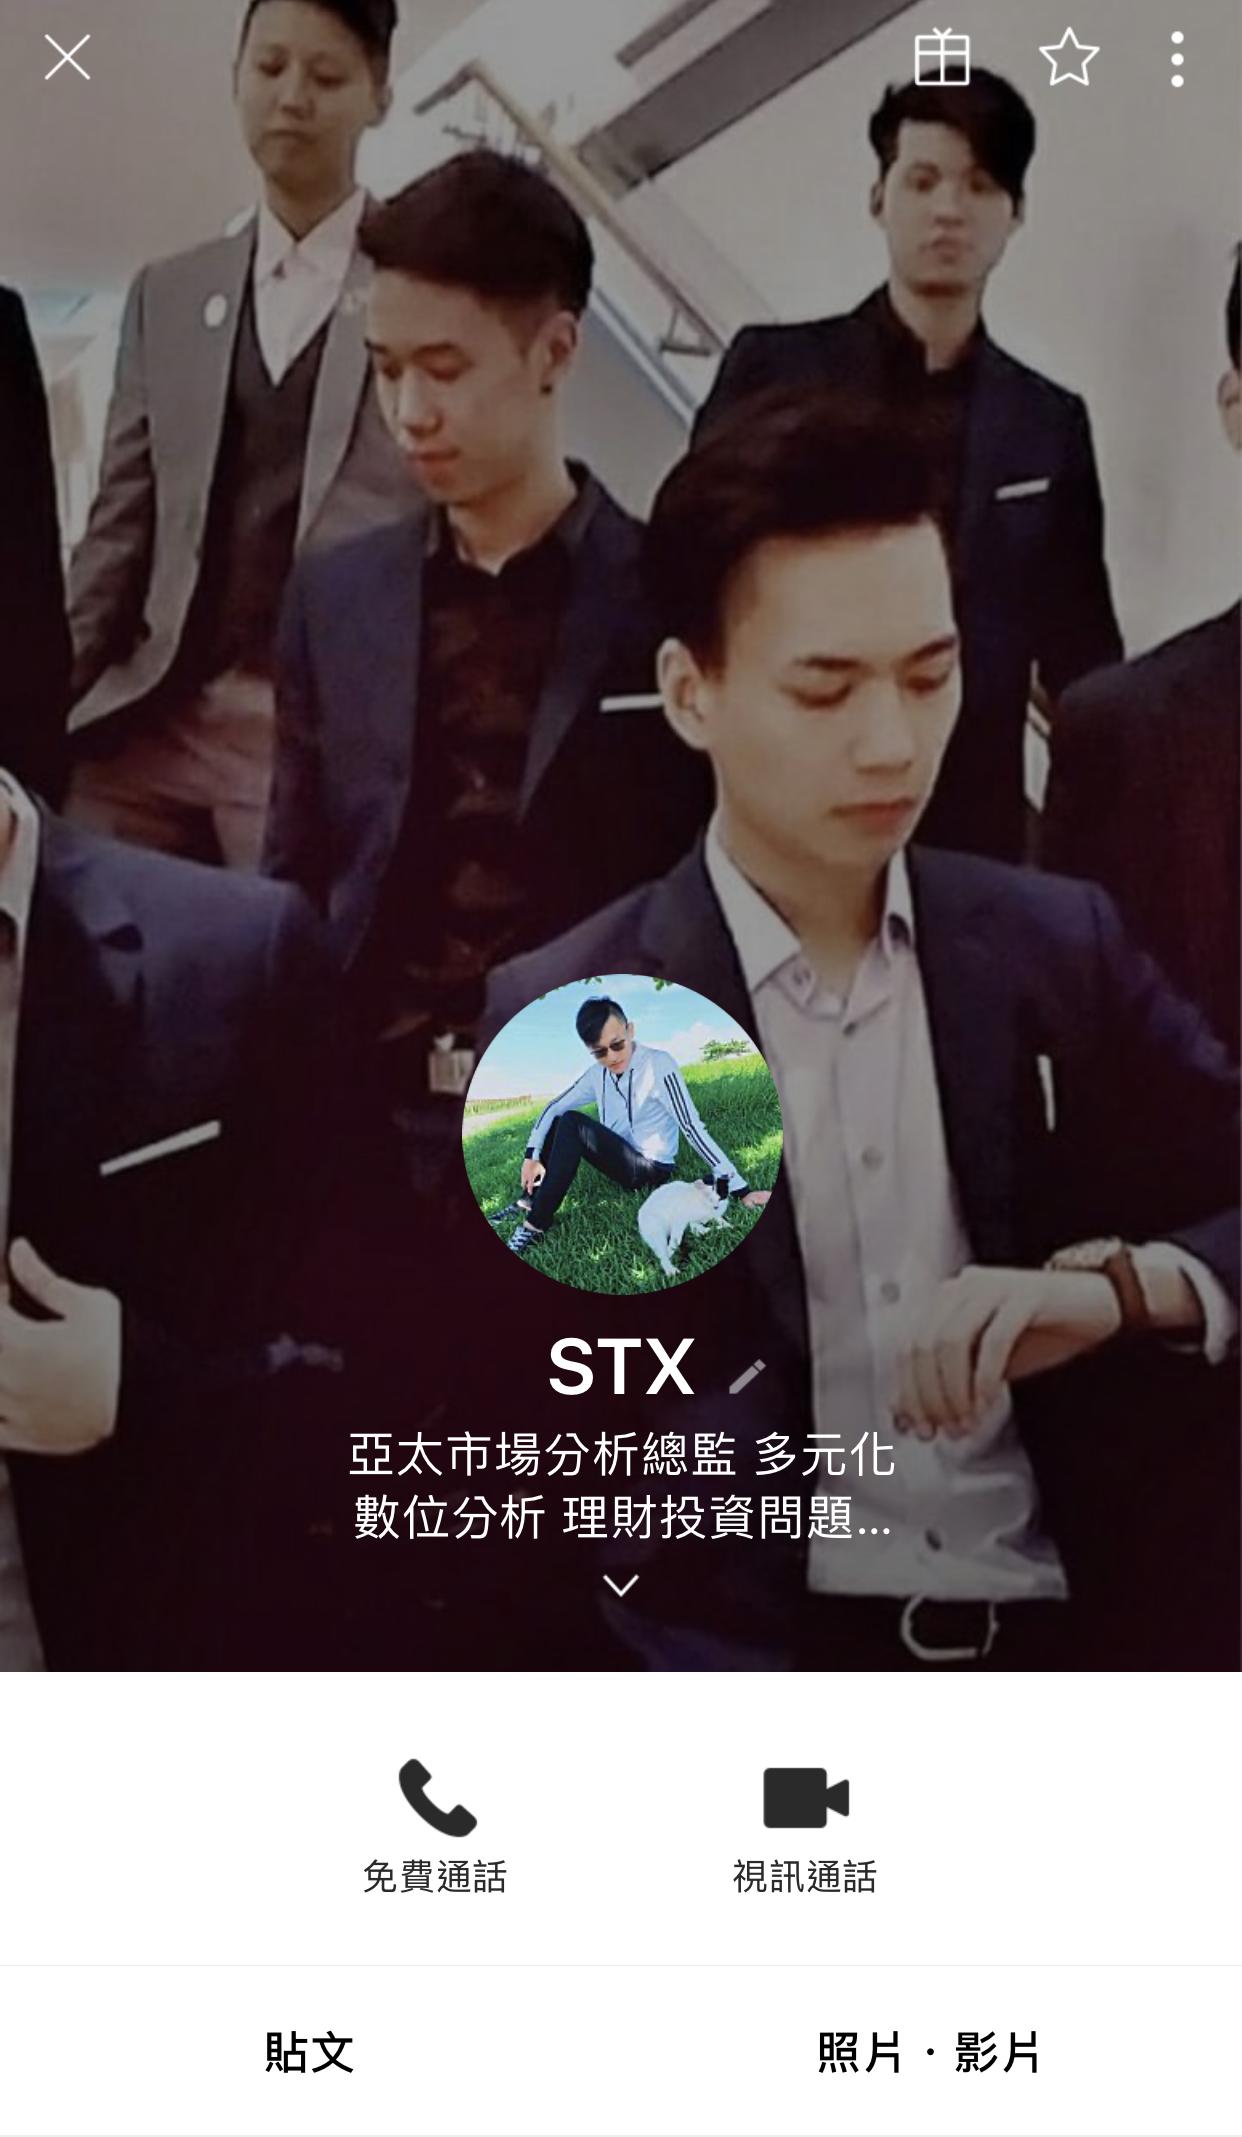 STX 國際理財先鋒